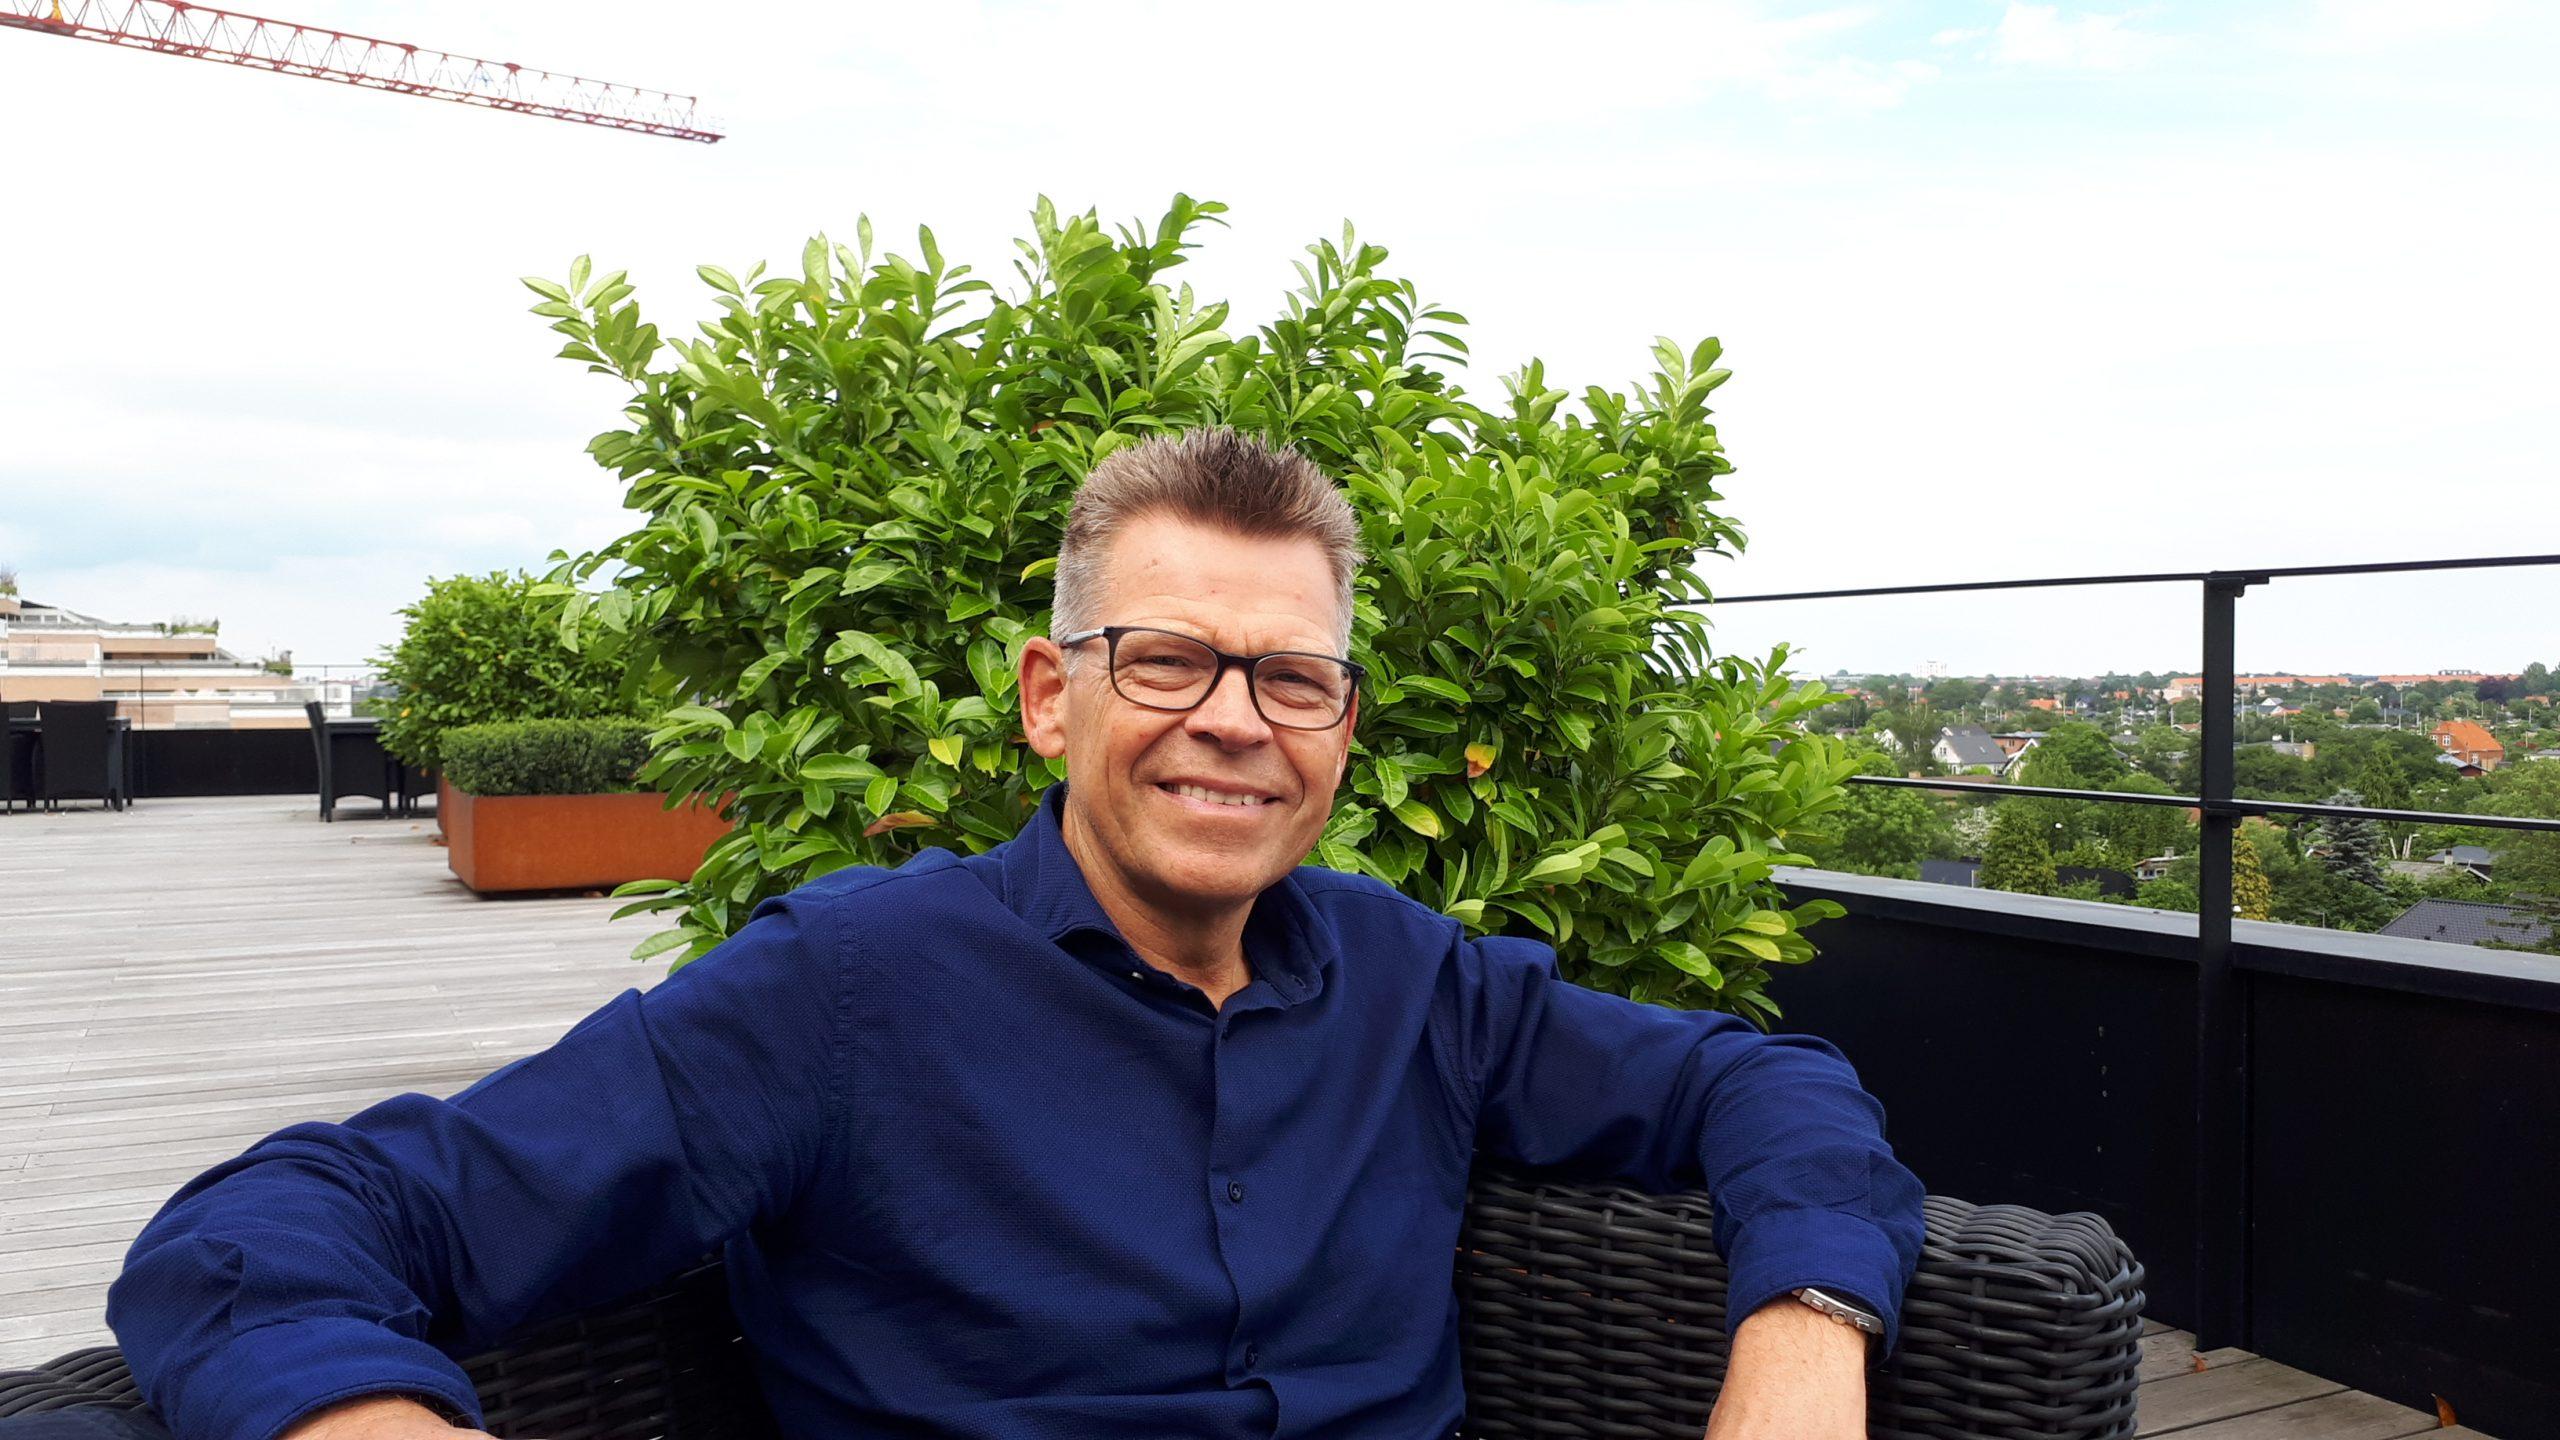 Jan Vendelbo, administrerende direktør for Spies, er under coronakrisen blevet et kendt talerør for sin del af rejsebranche. Arkivfoto: Henrik Baumgarten.